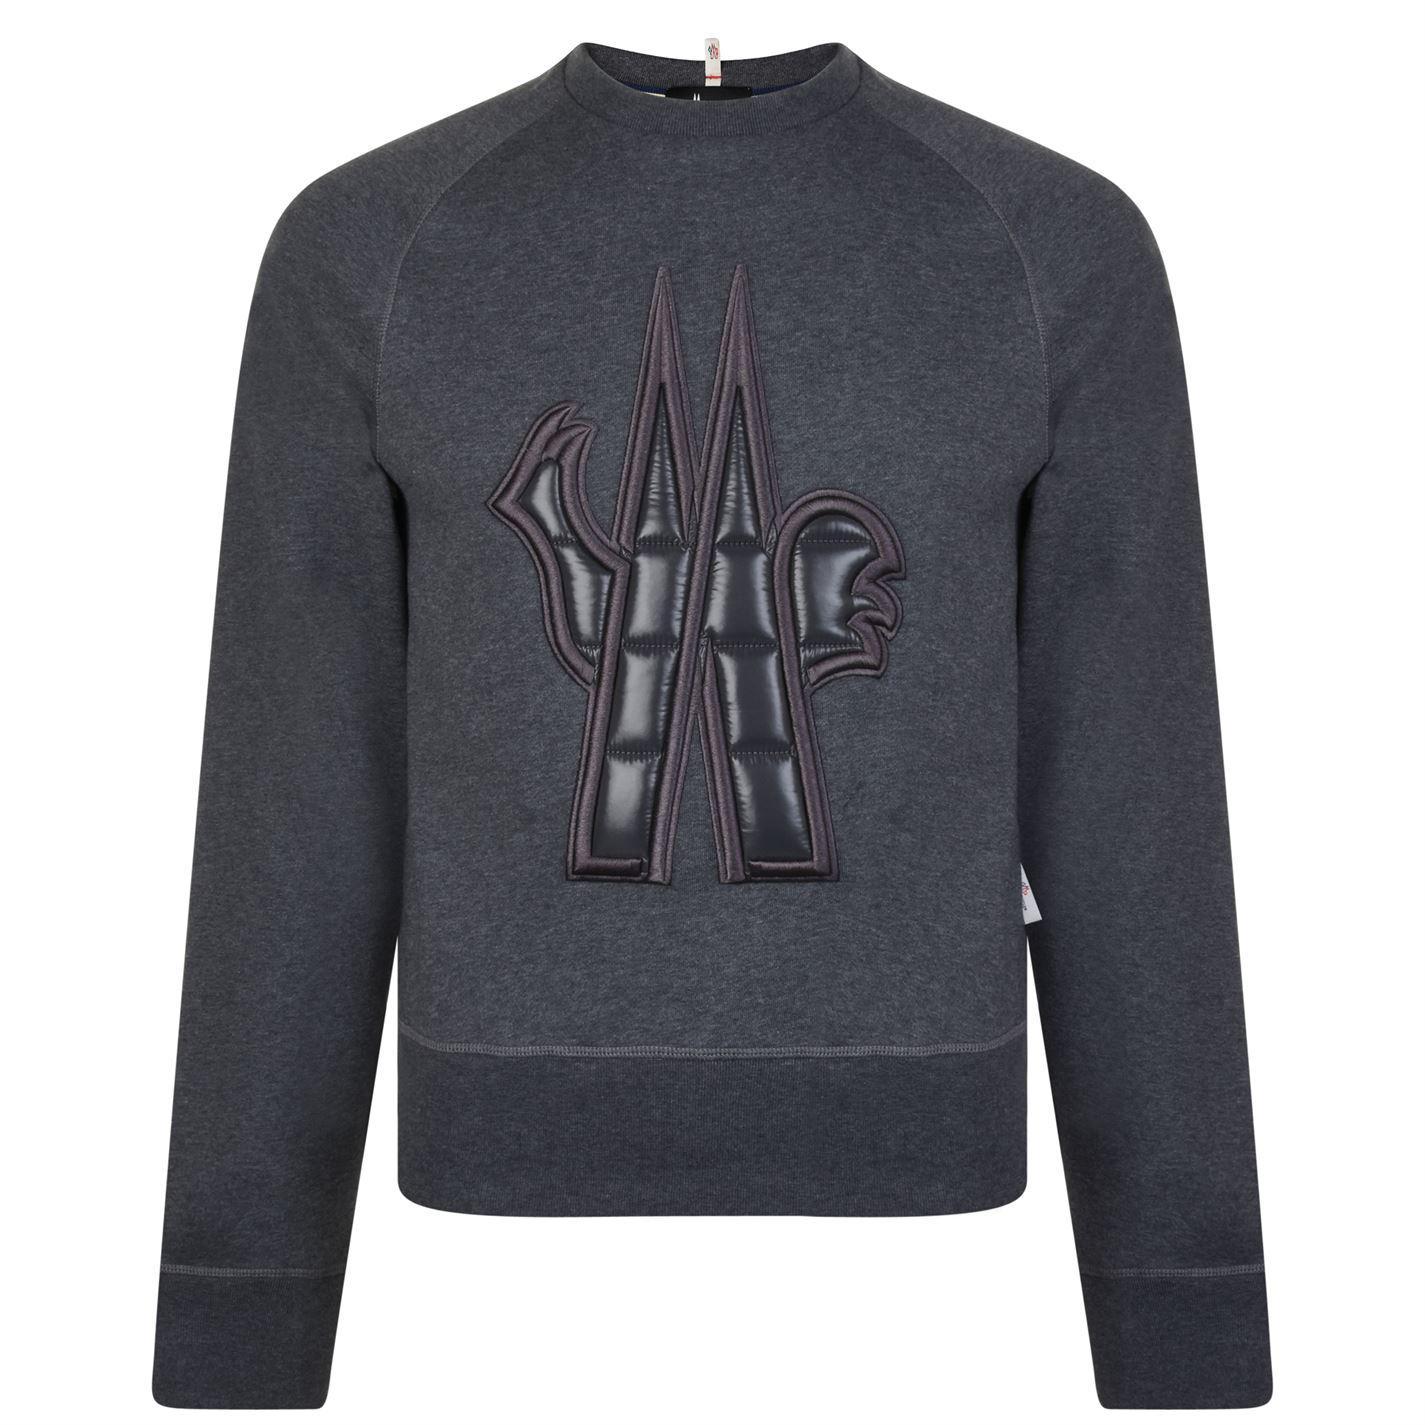 a43ee945203d Moncler Grenoble Crew Logo Sweatshirt in Gray for Men - Lyst